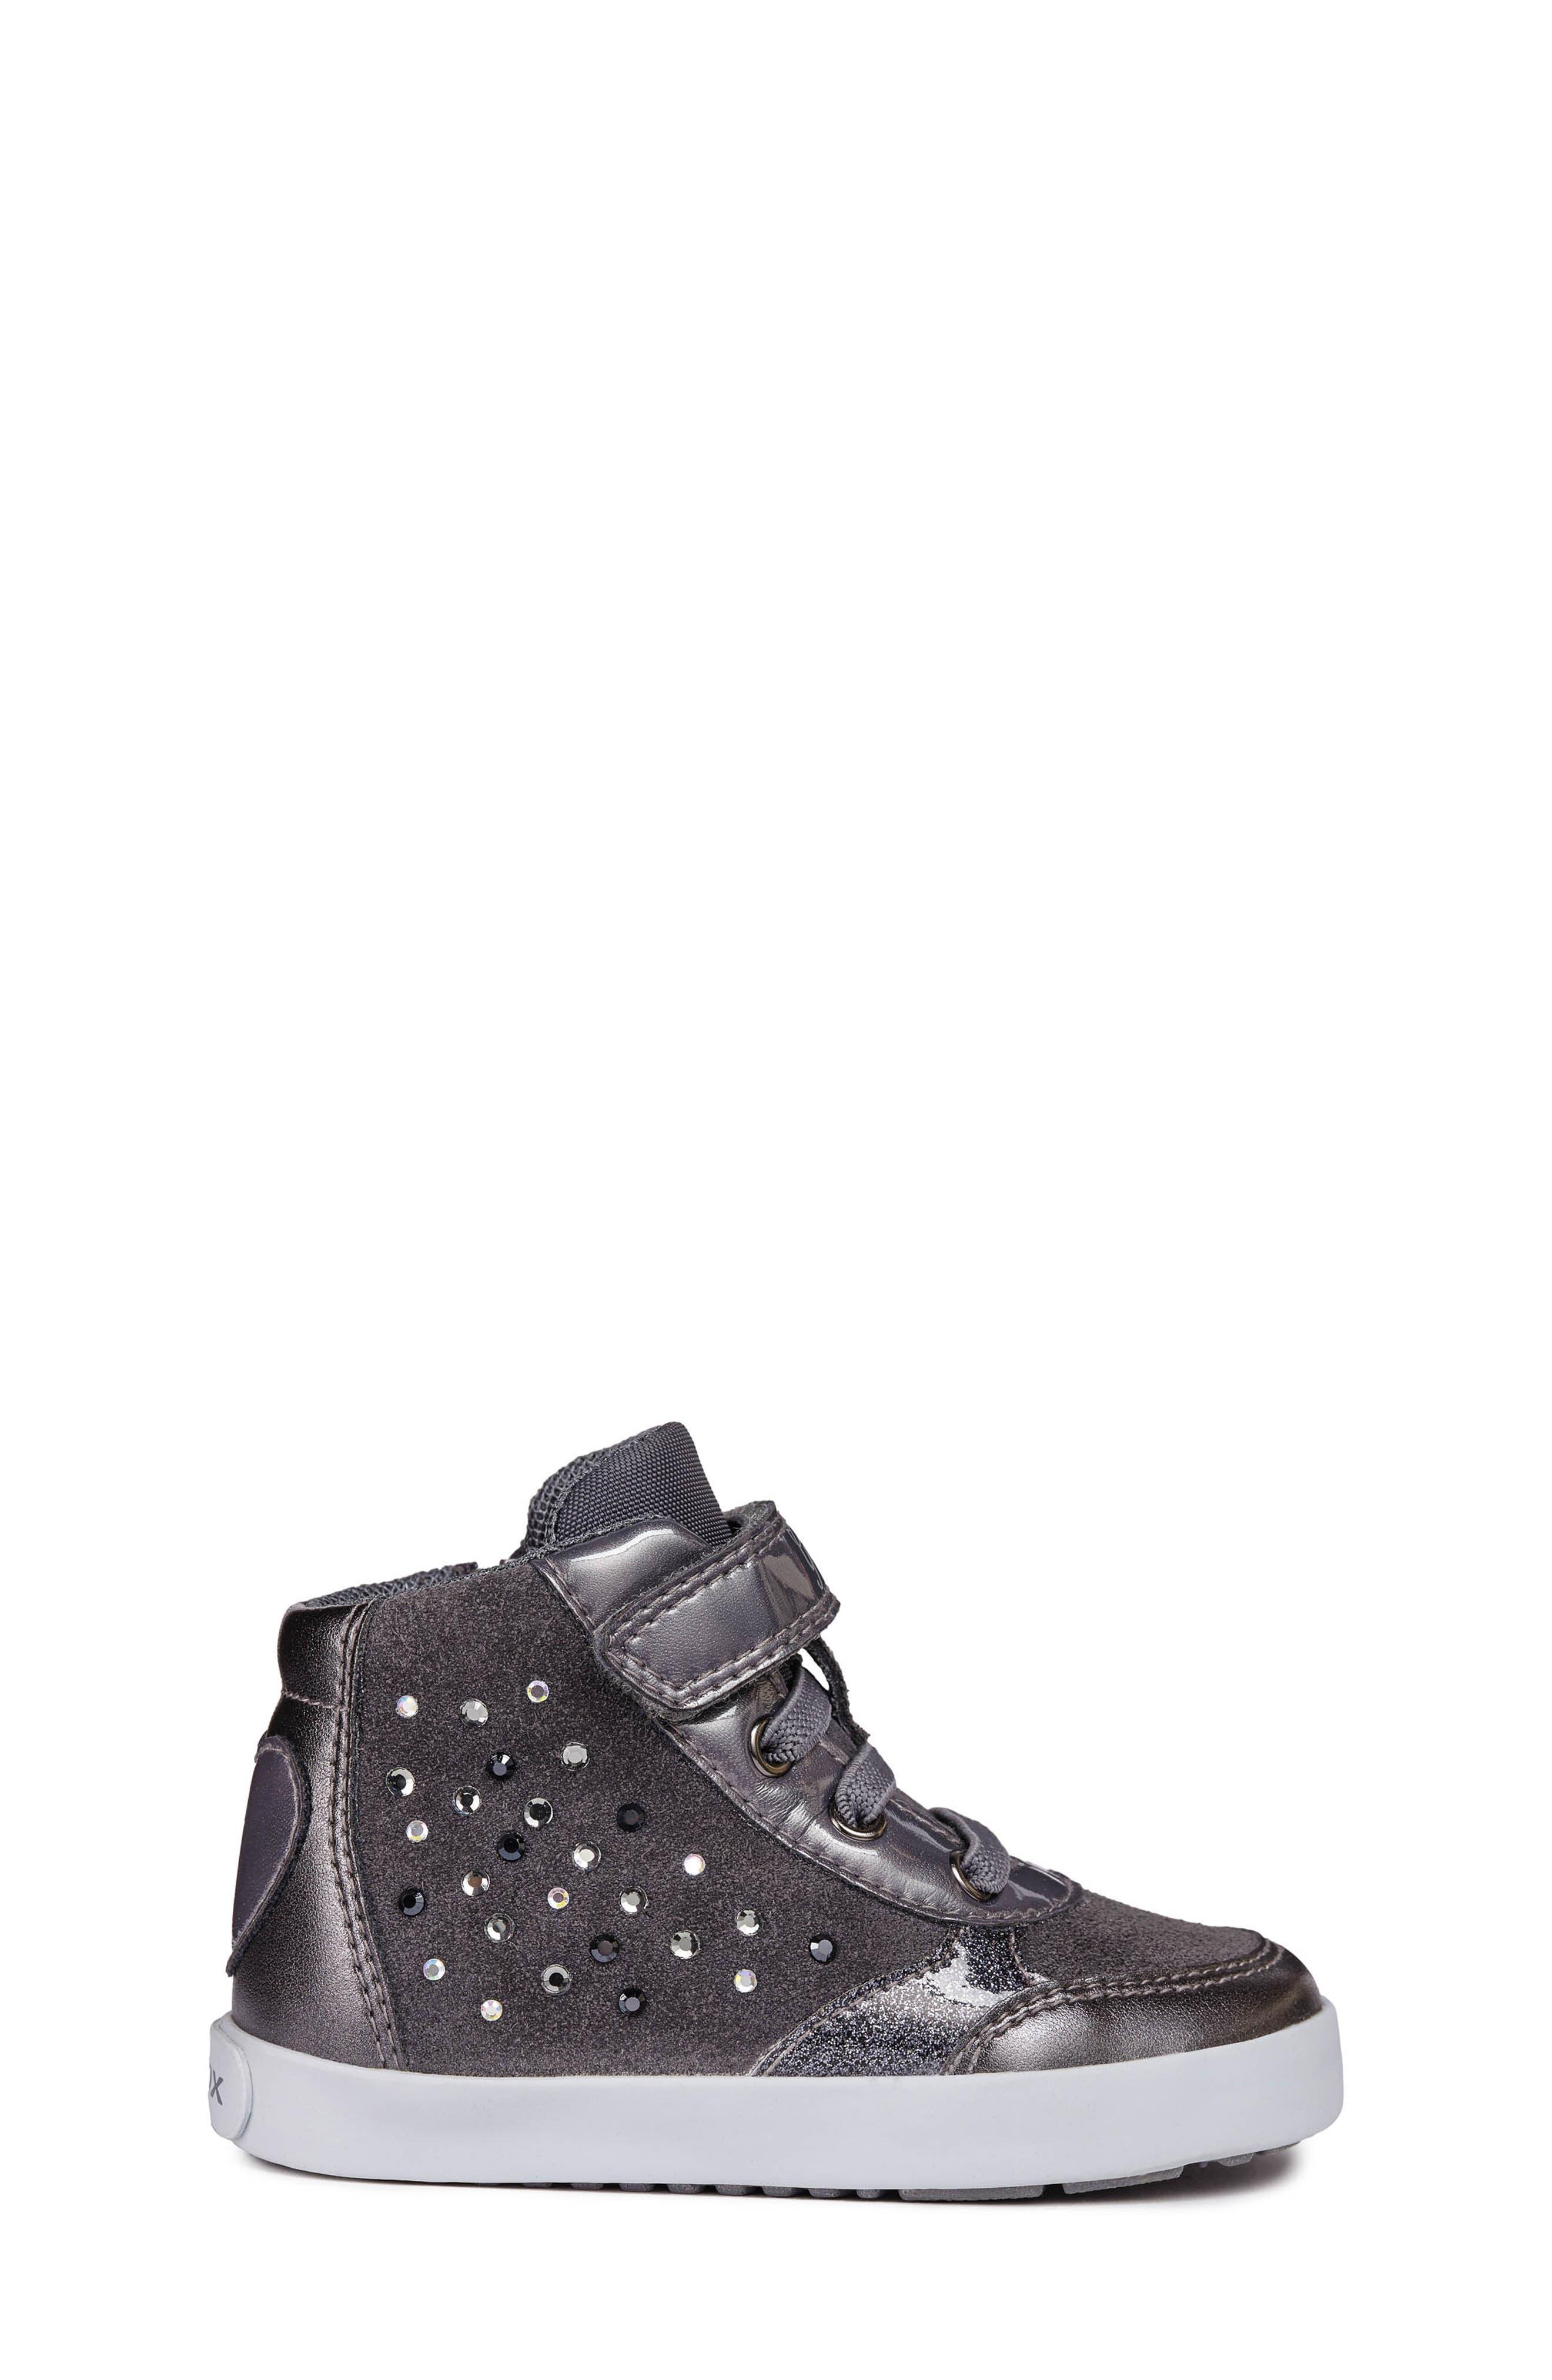 Kilwi High Top Sneaker,                             Alternate thumbnail 3, color,                             DARK GREY